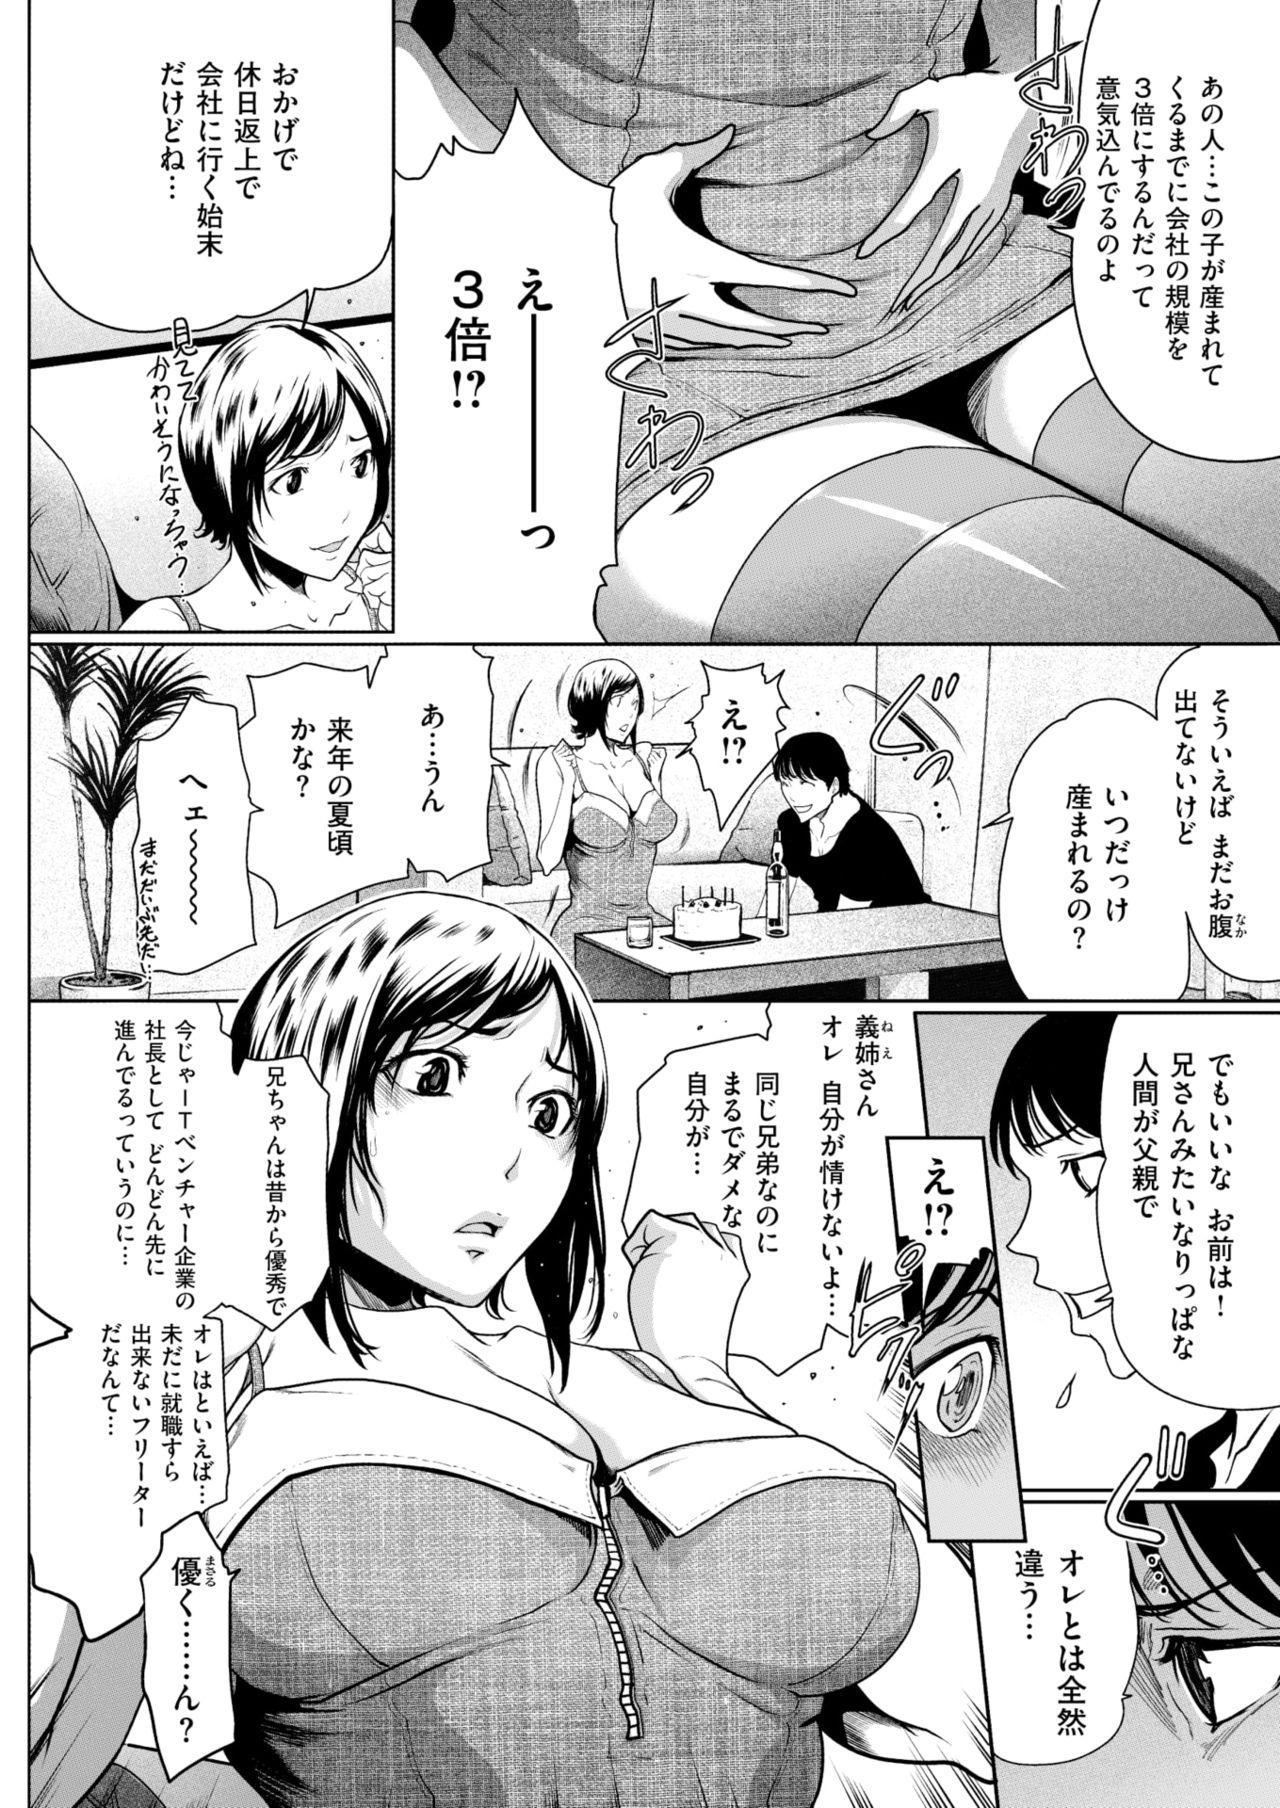 COMIC Kairakuten 25 Shuunen kinen tokubetsugou 294